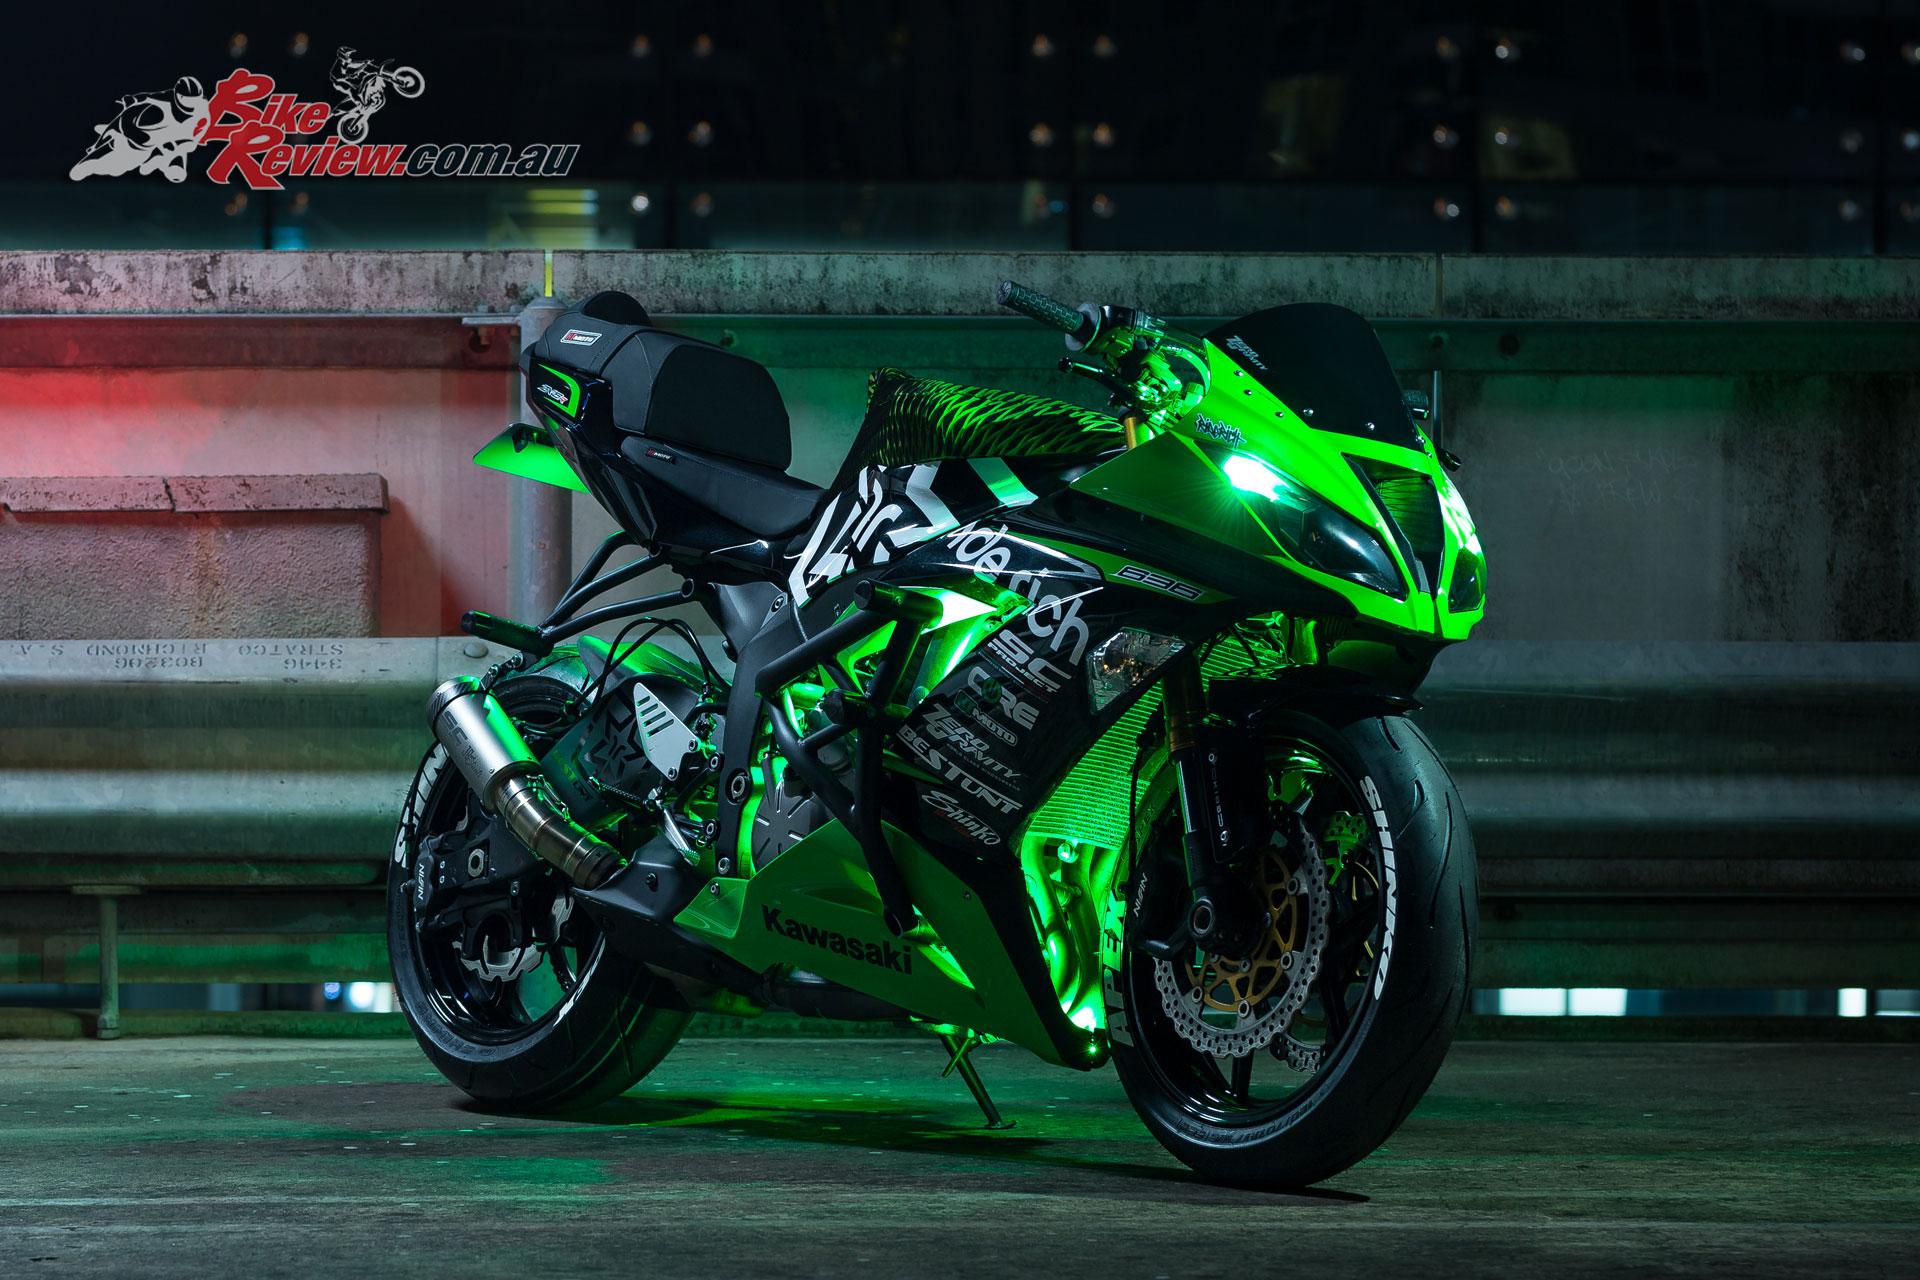 Bike Kawasaki Ninja R